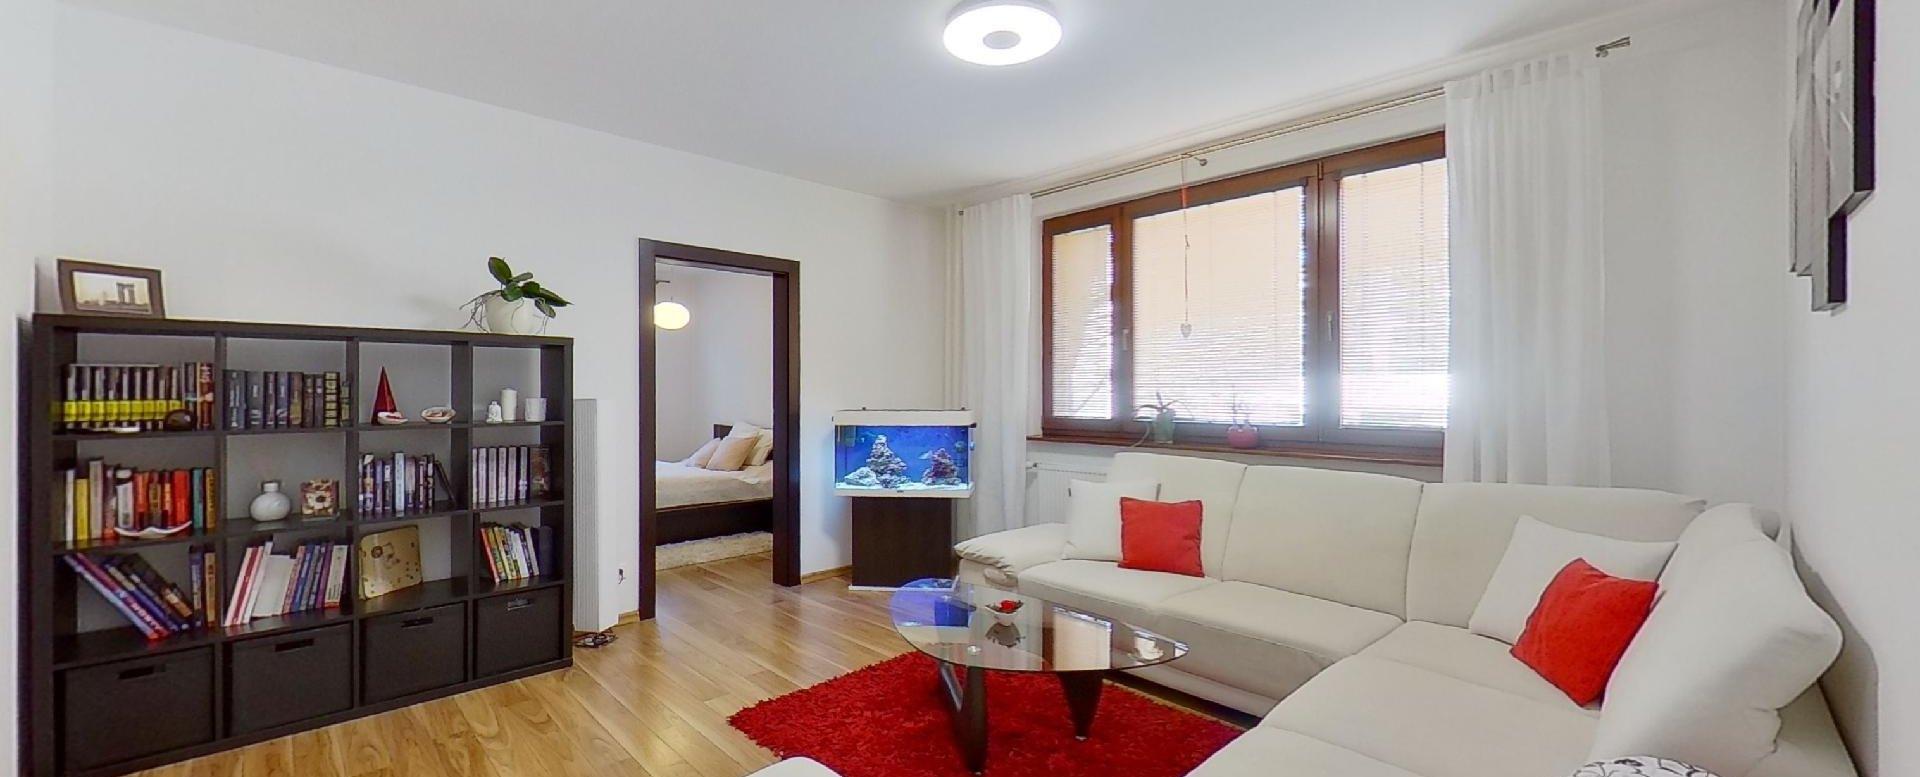 Obývacie 3-izbového bytu na  Borovej ulici v Žiline - Solinky